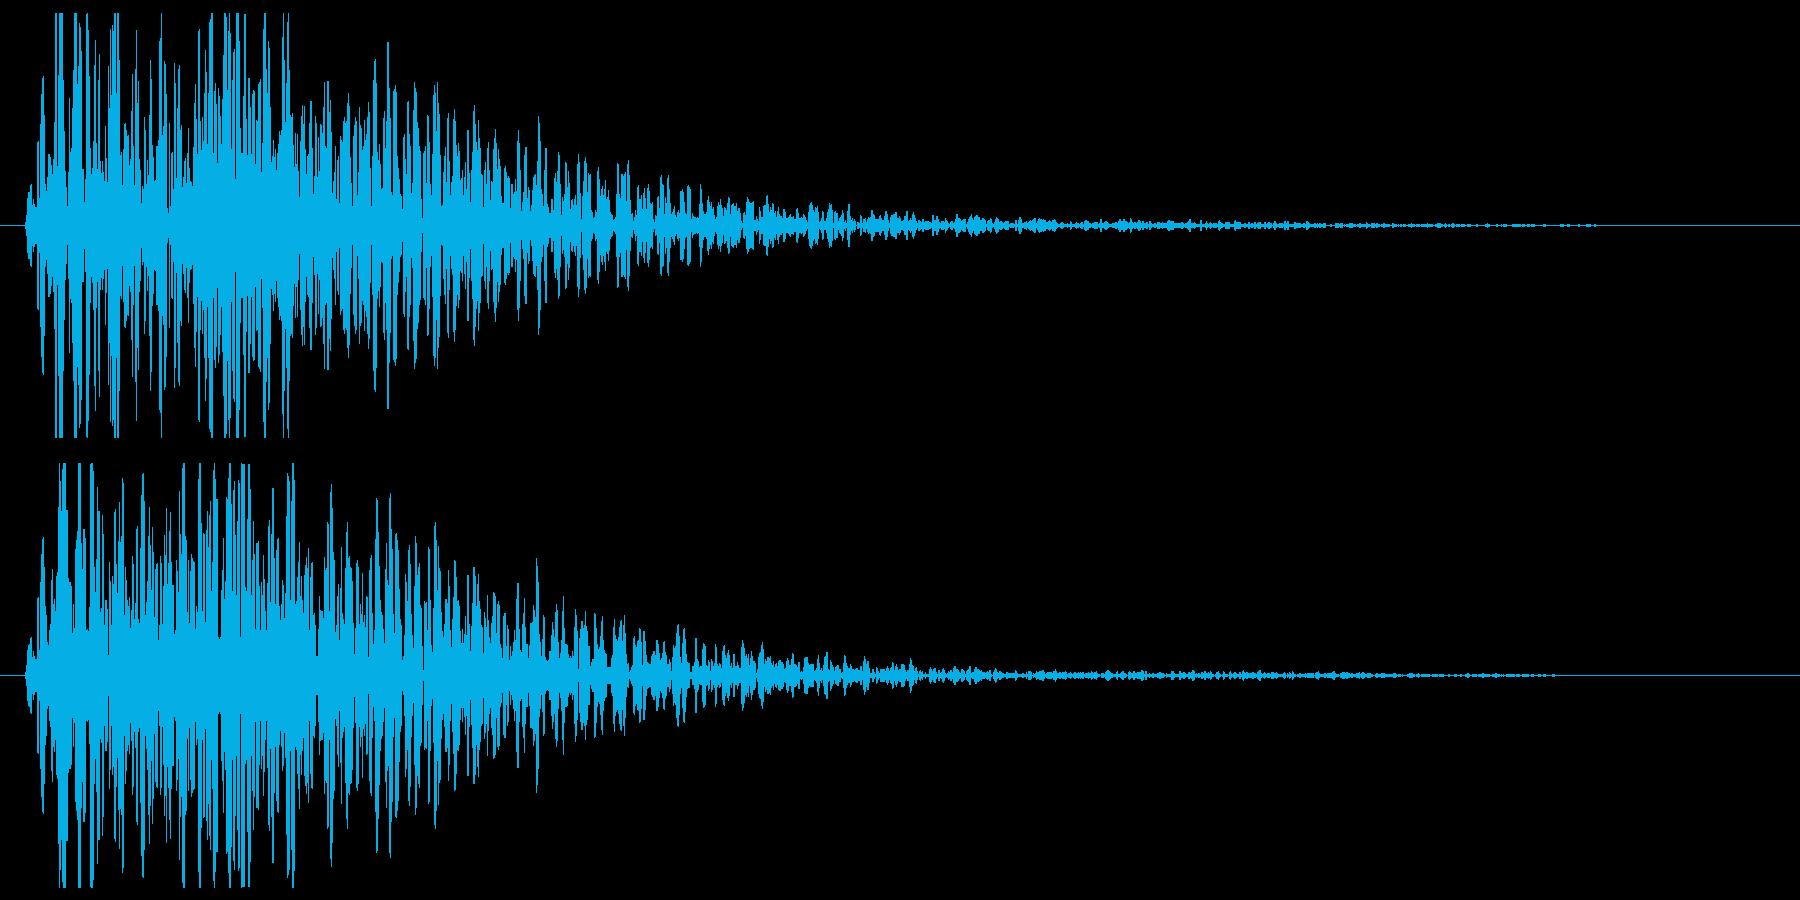 ゴーン(金属を叩く音)の再生済みの波形